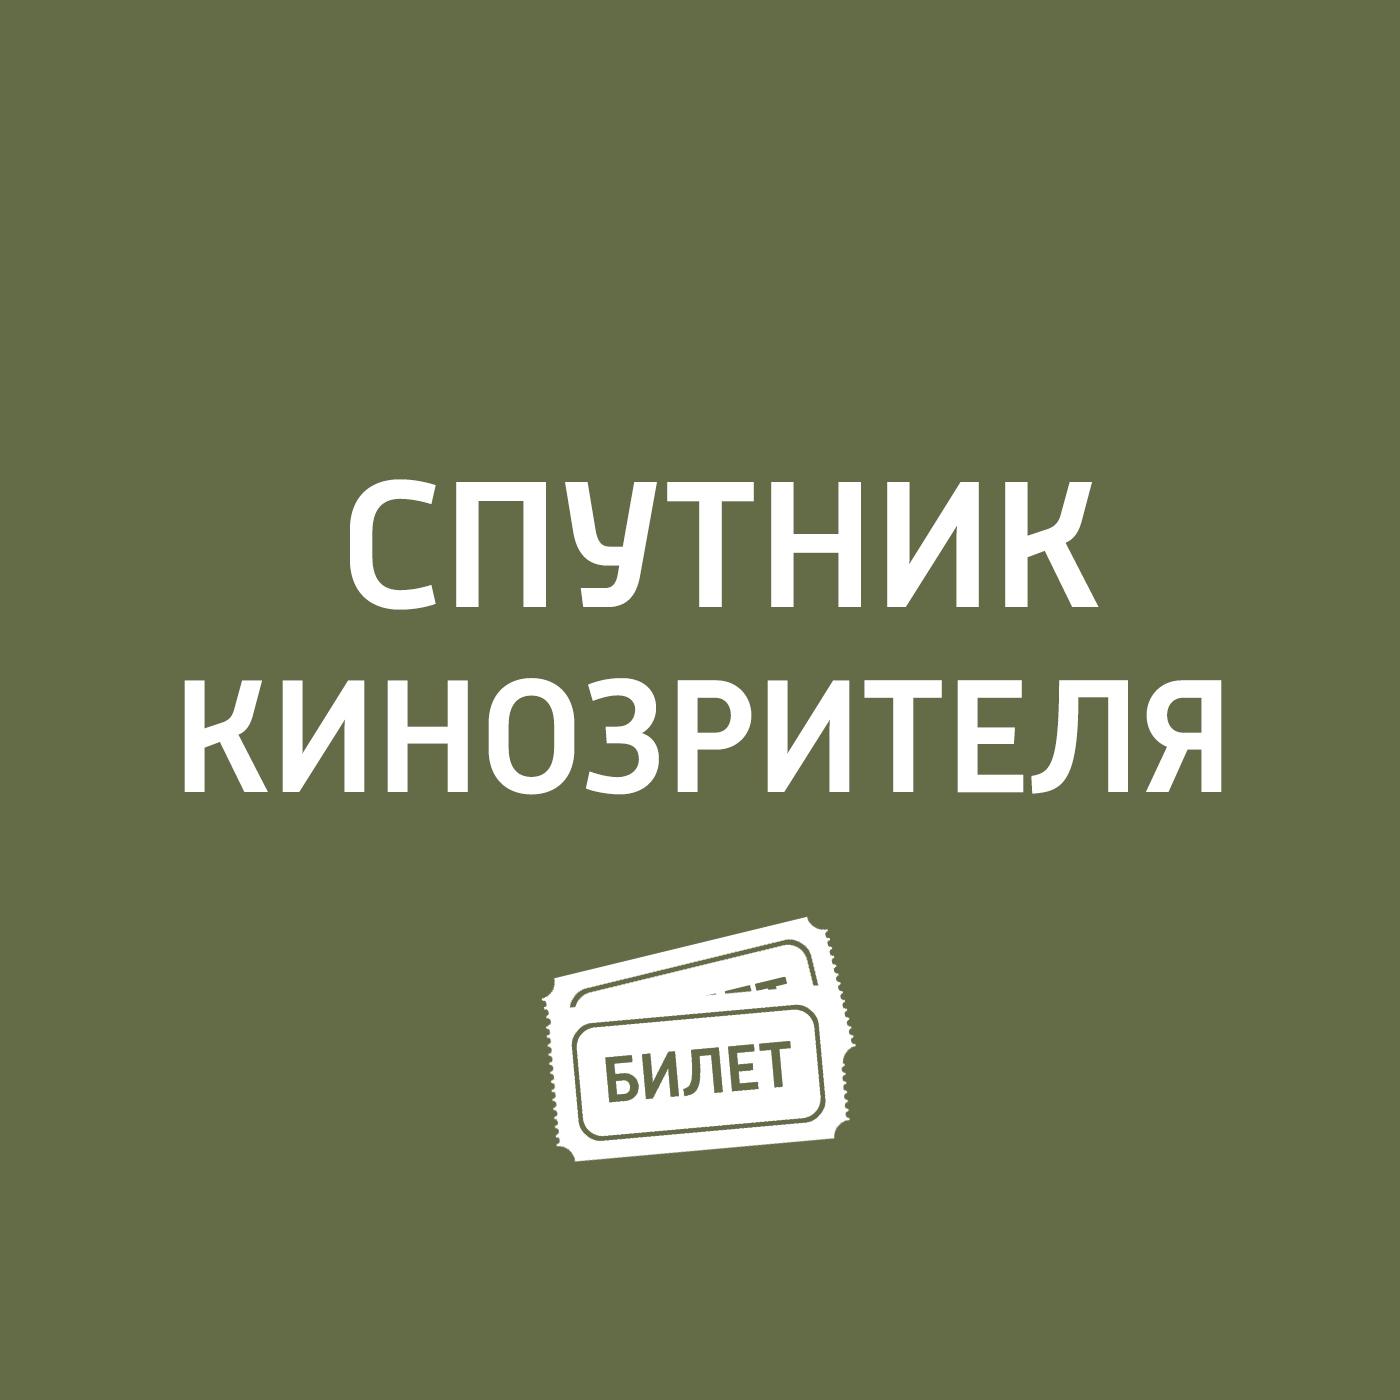 Антон Долин Не угаснет надежда, «Воровка книг и др. антон долин не угаснет надежда воровка книг и др